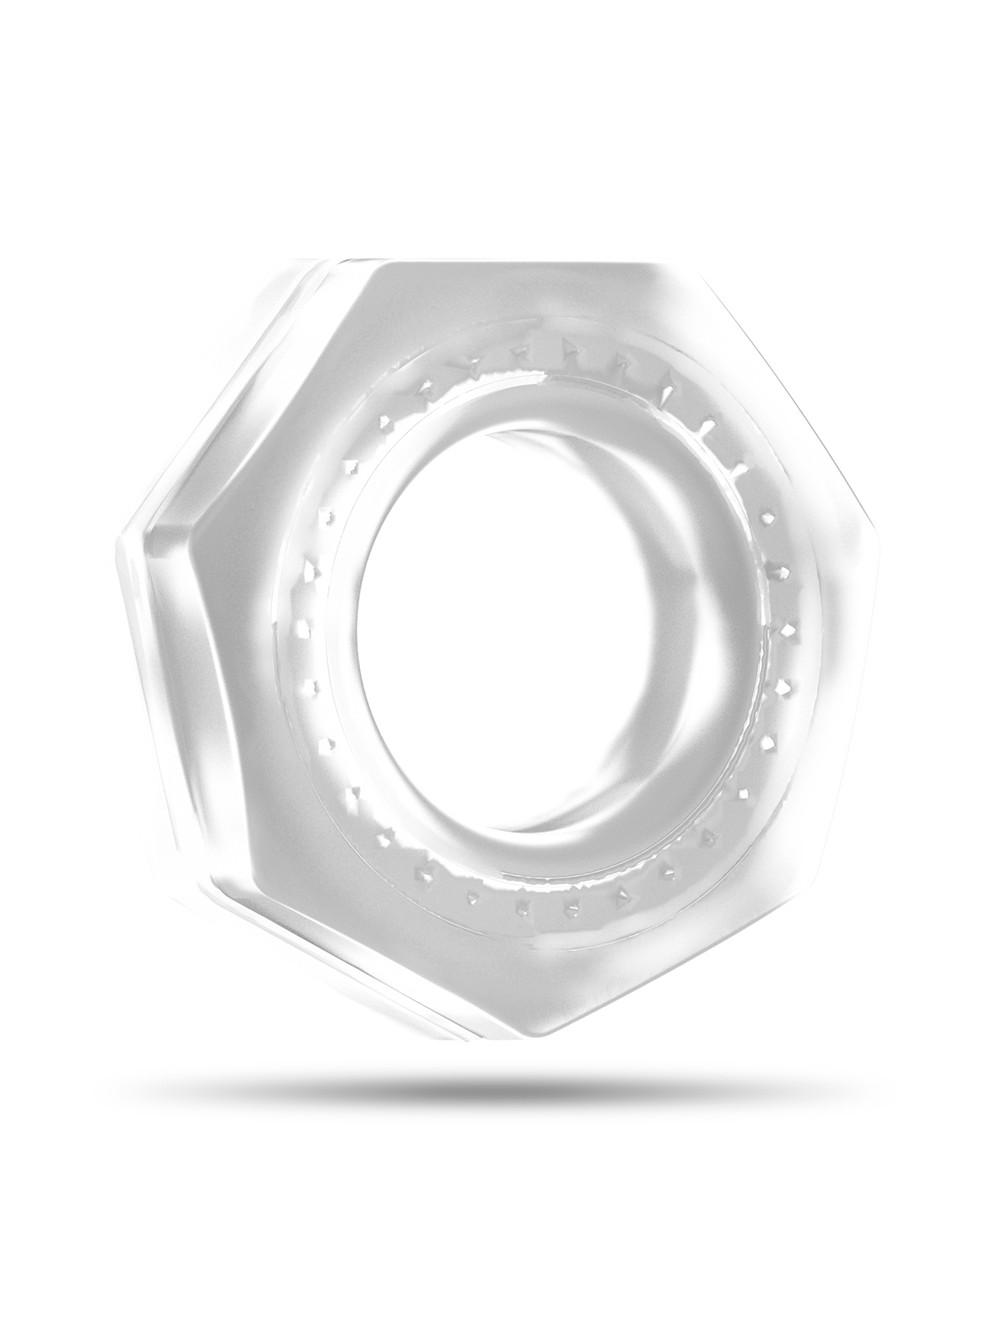 Sono SON043TRA Anello Fallico in Silicone, Trasparente - 1 Prodotto